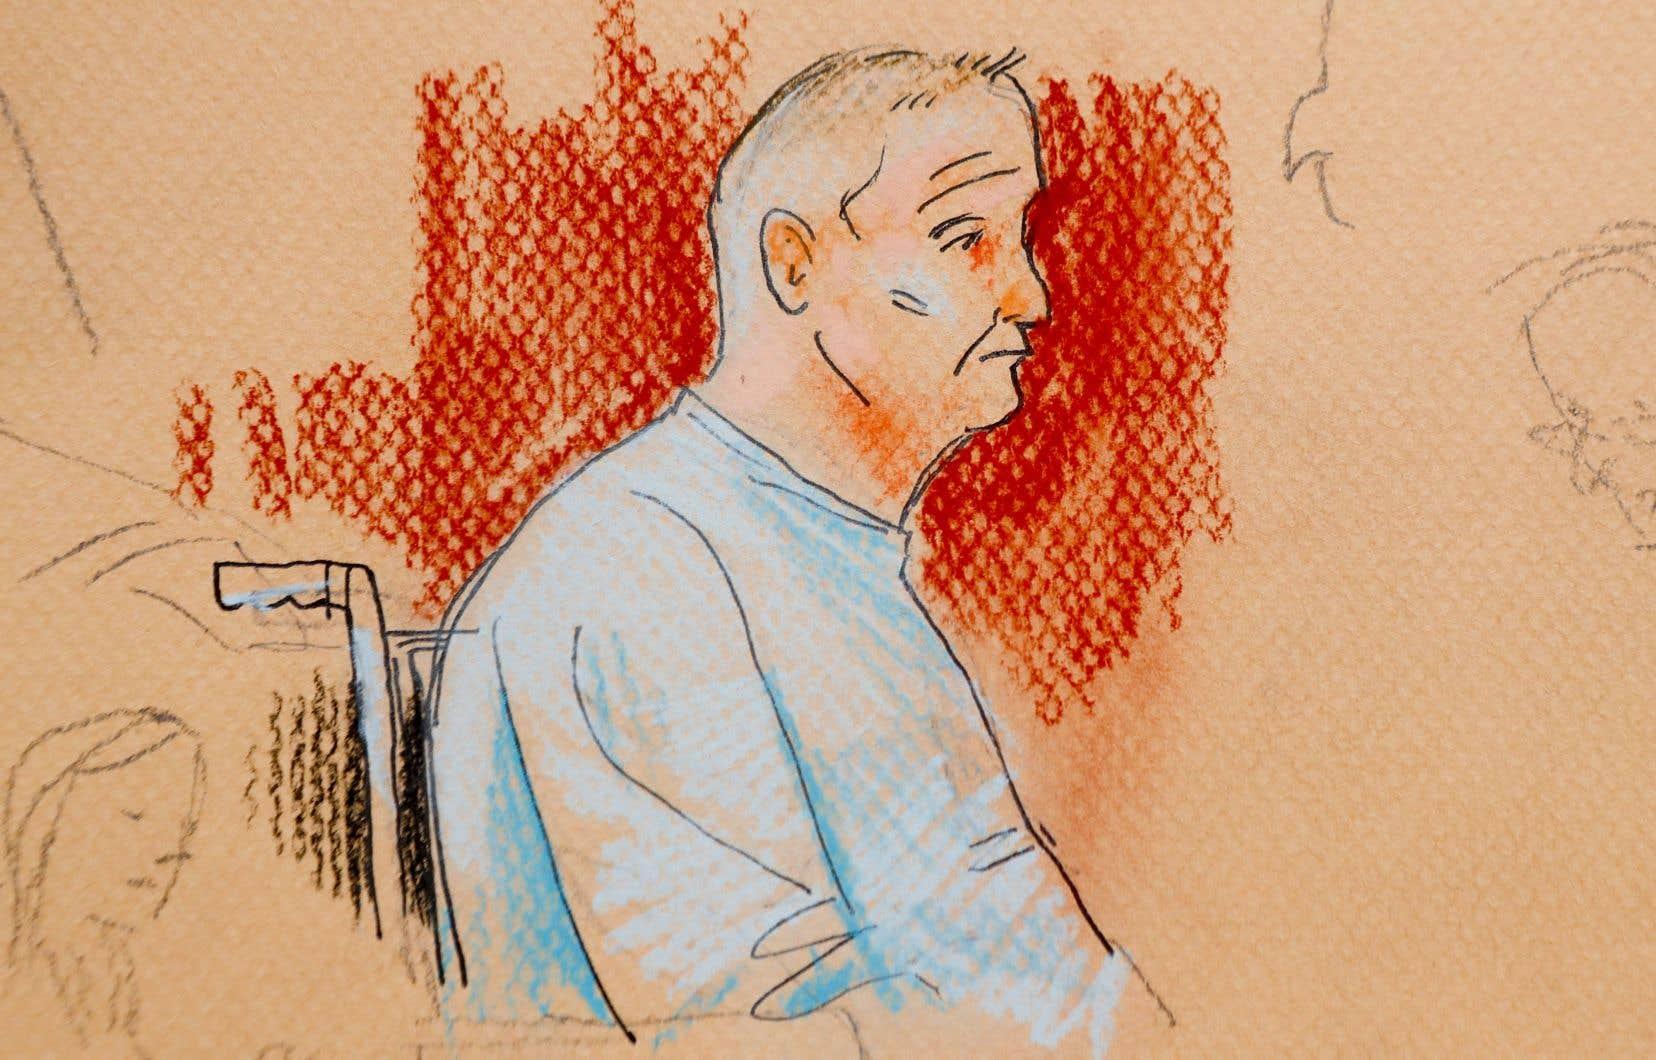 Robert Gregory Bowers demeure détenu jusqu'à son audience préliminaire qui aura lieu jeudi, alors que les procureurs exposeront leurs arguments contre lui.